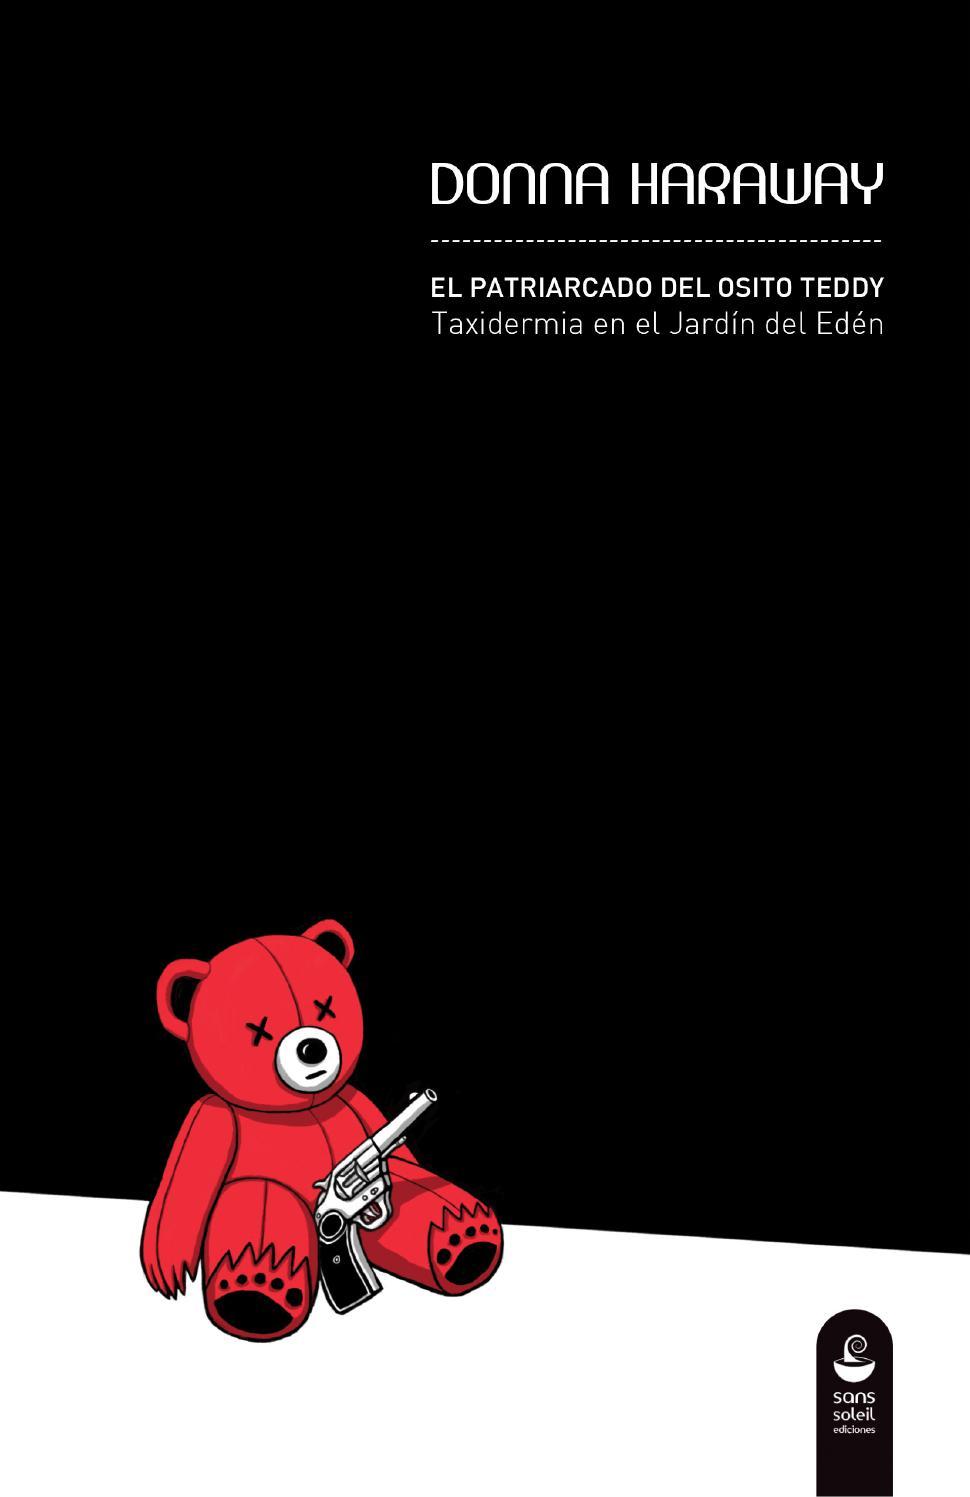 El patriarcado del osito Teddy - Donna Haraway by Sans Soleil ...